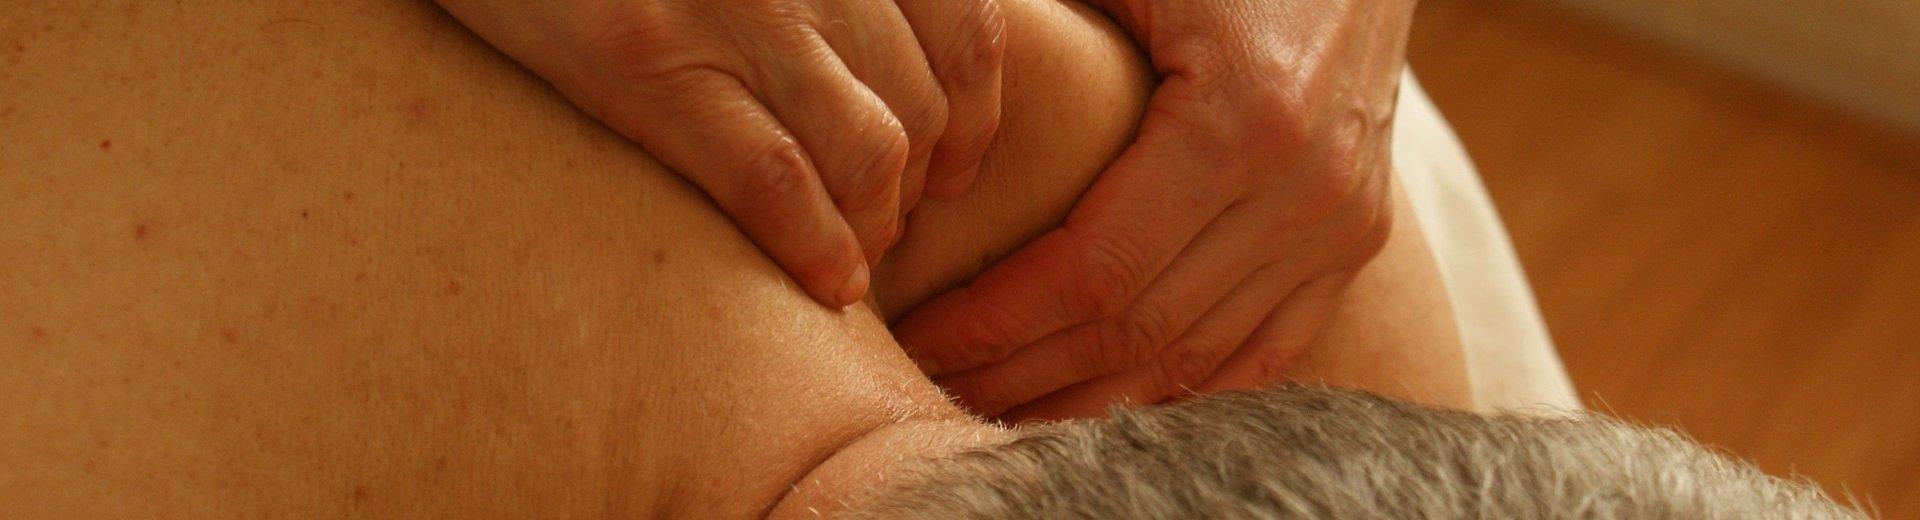 arbejdsskader kan behandlers med massage